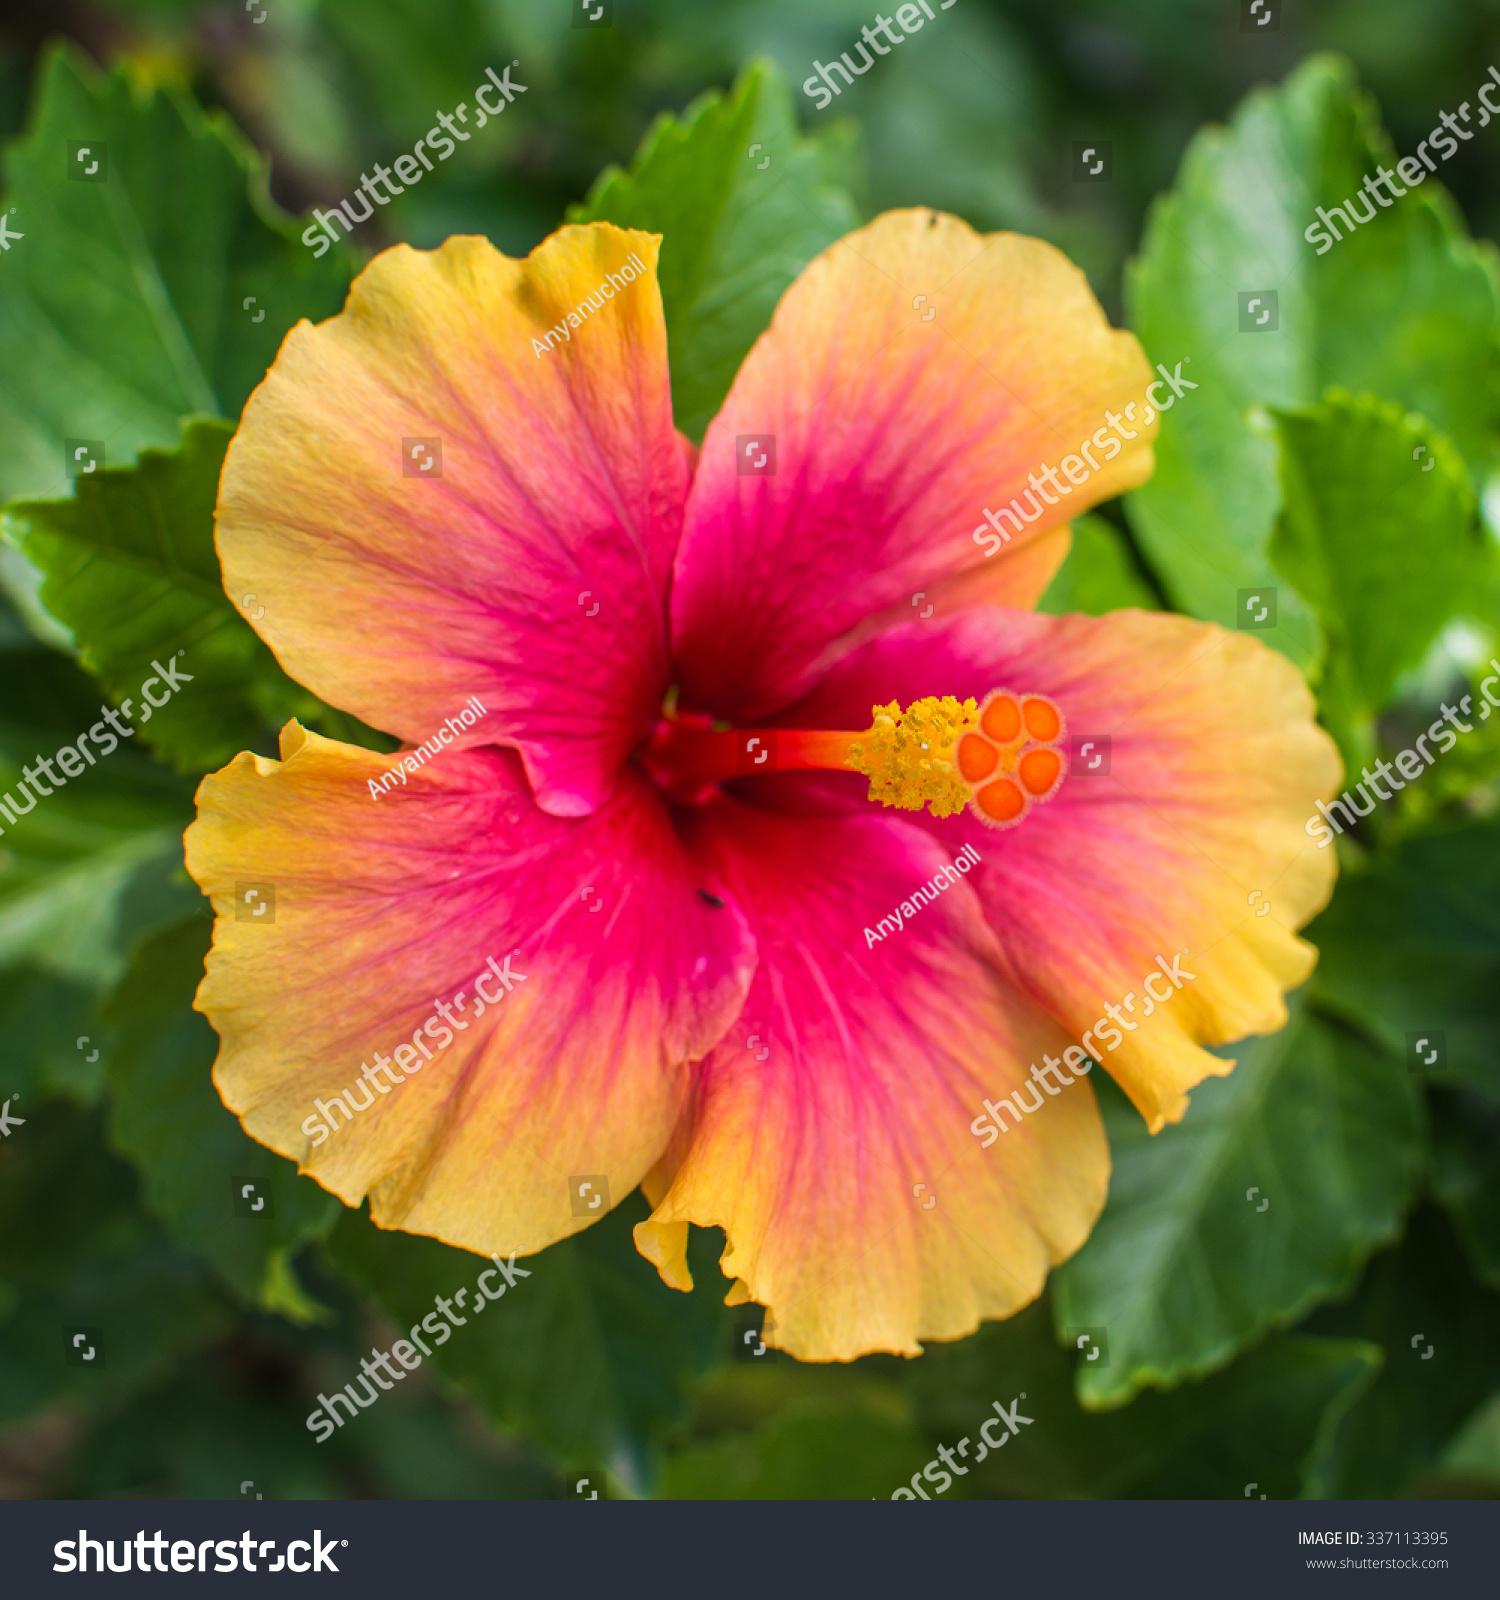 China rose flower chinese hibiscus hibiscus stock photo edit now china rose flower chinese hibiscus hibiscus rosa sinensis hawaiian hibiscus shoe izmirmasajfo